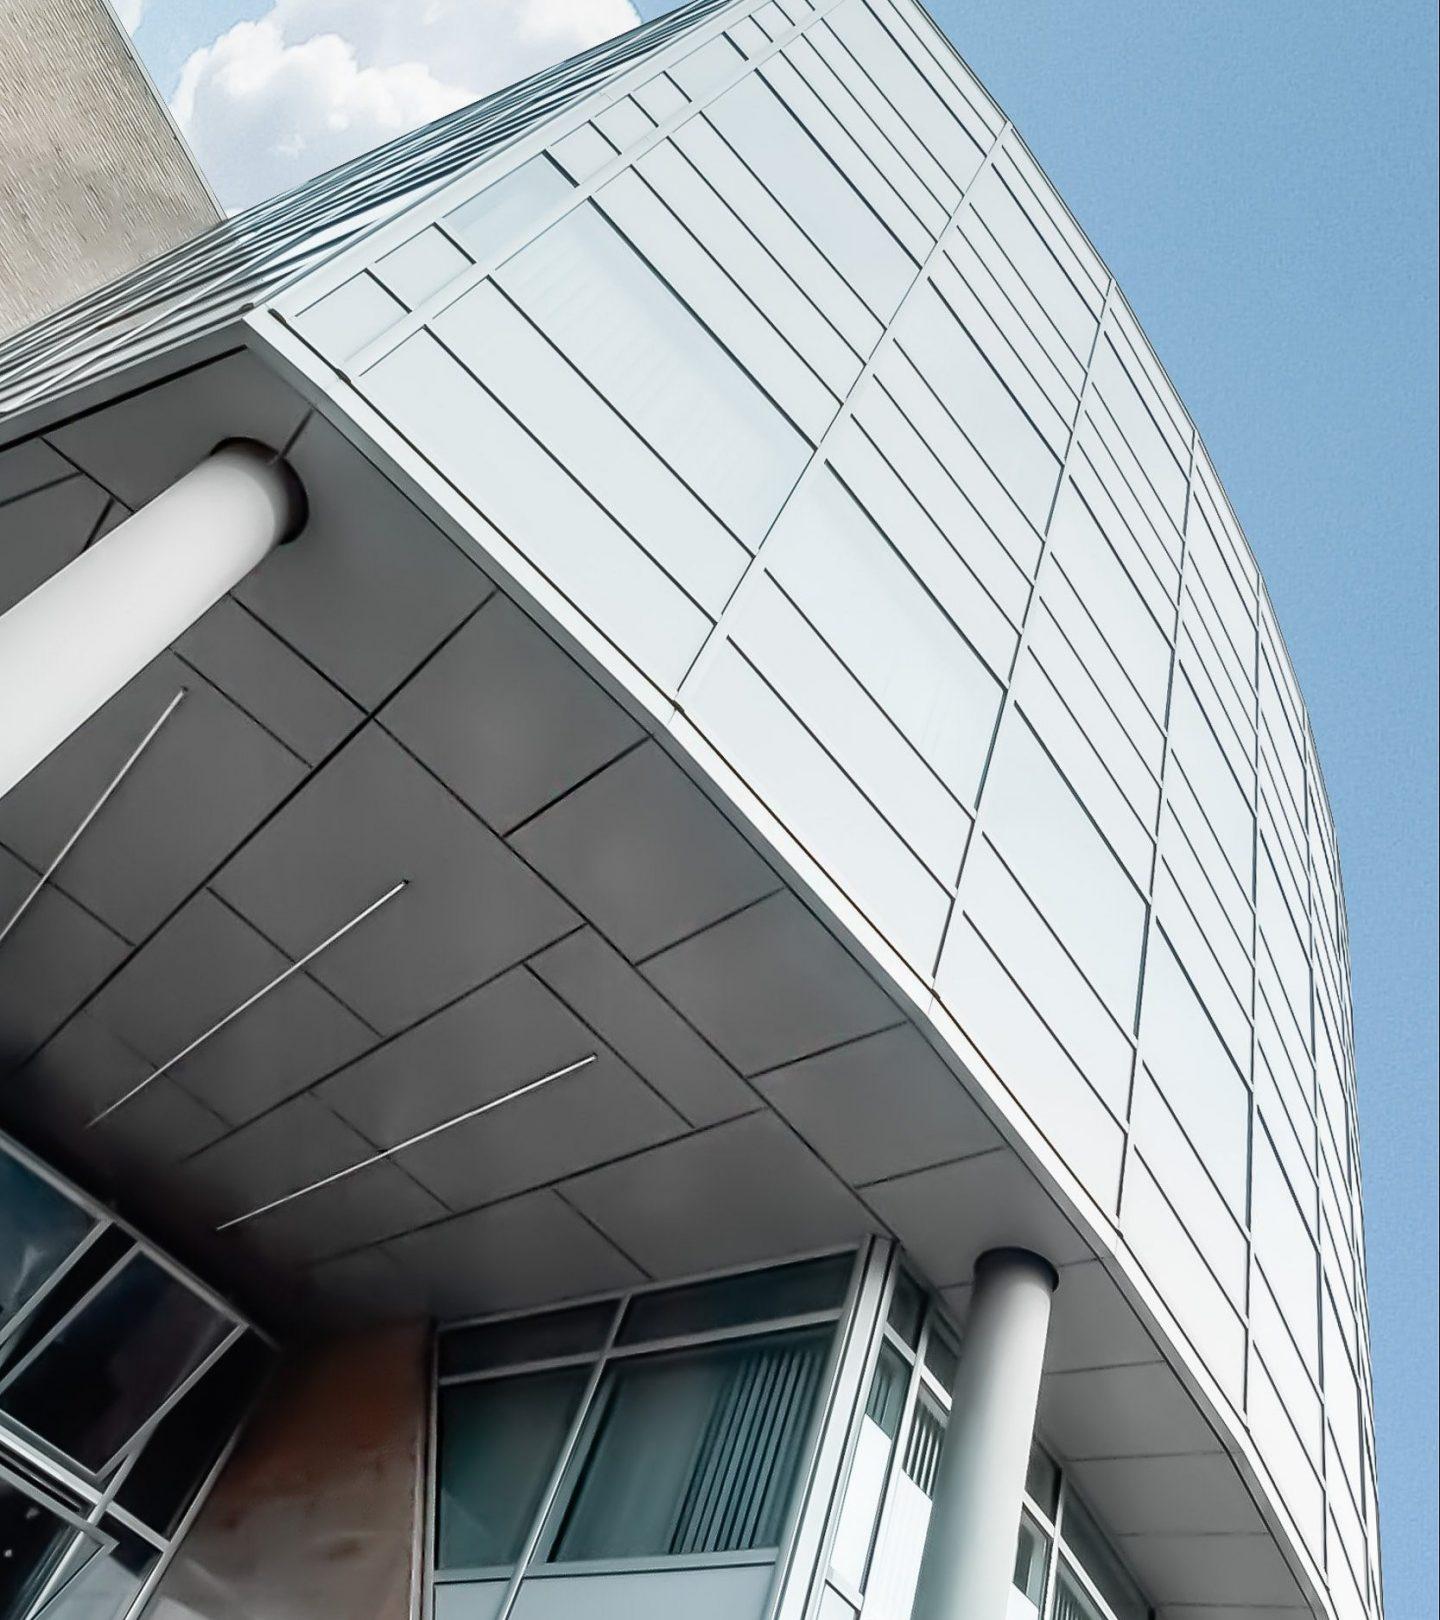 Uniceflaan Utrecht - Außenansicht Fassade